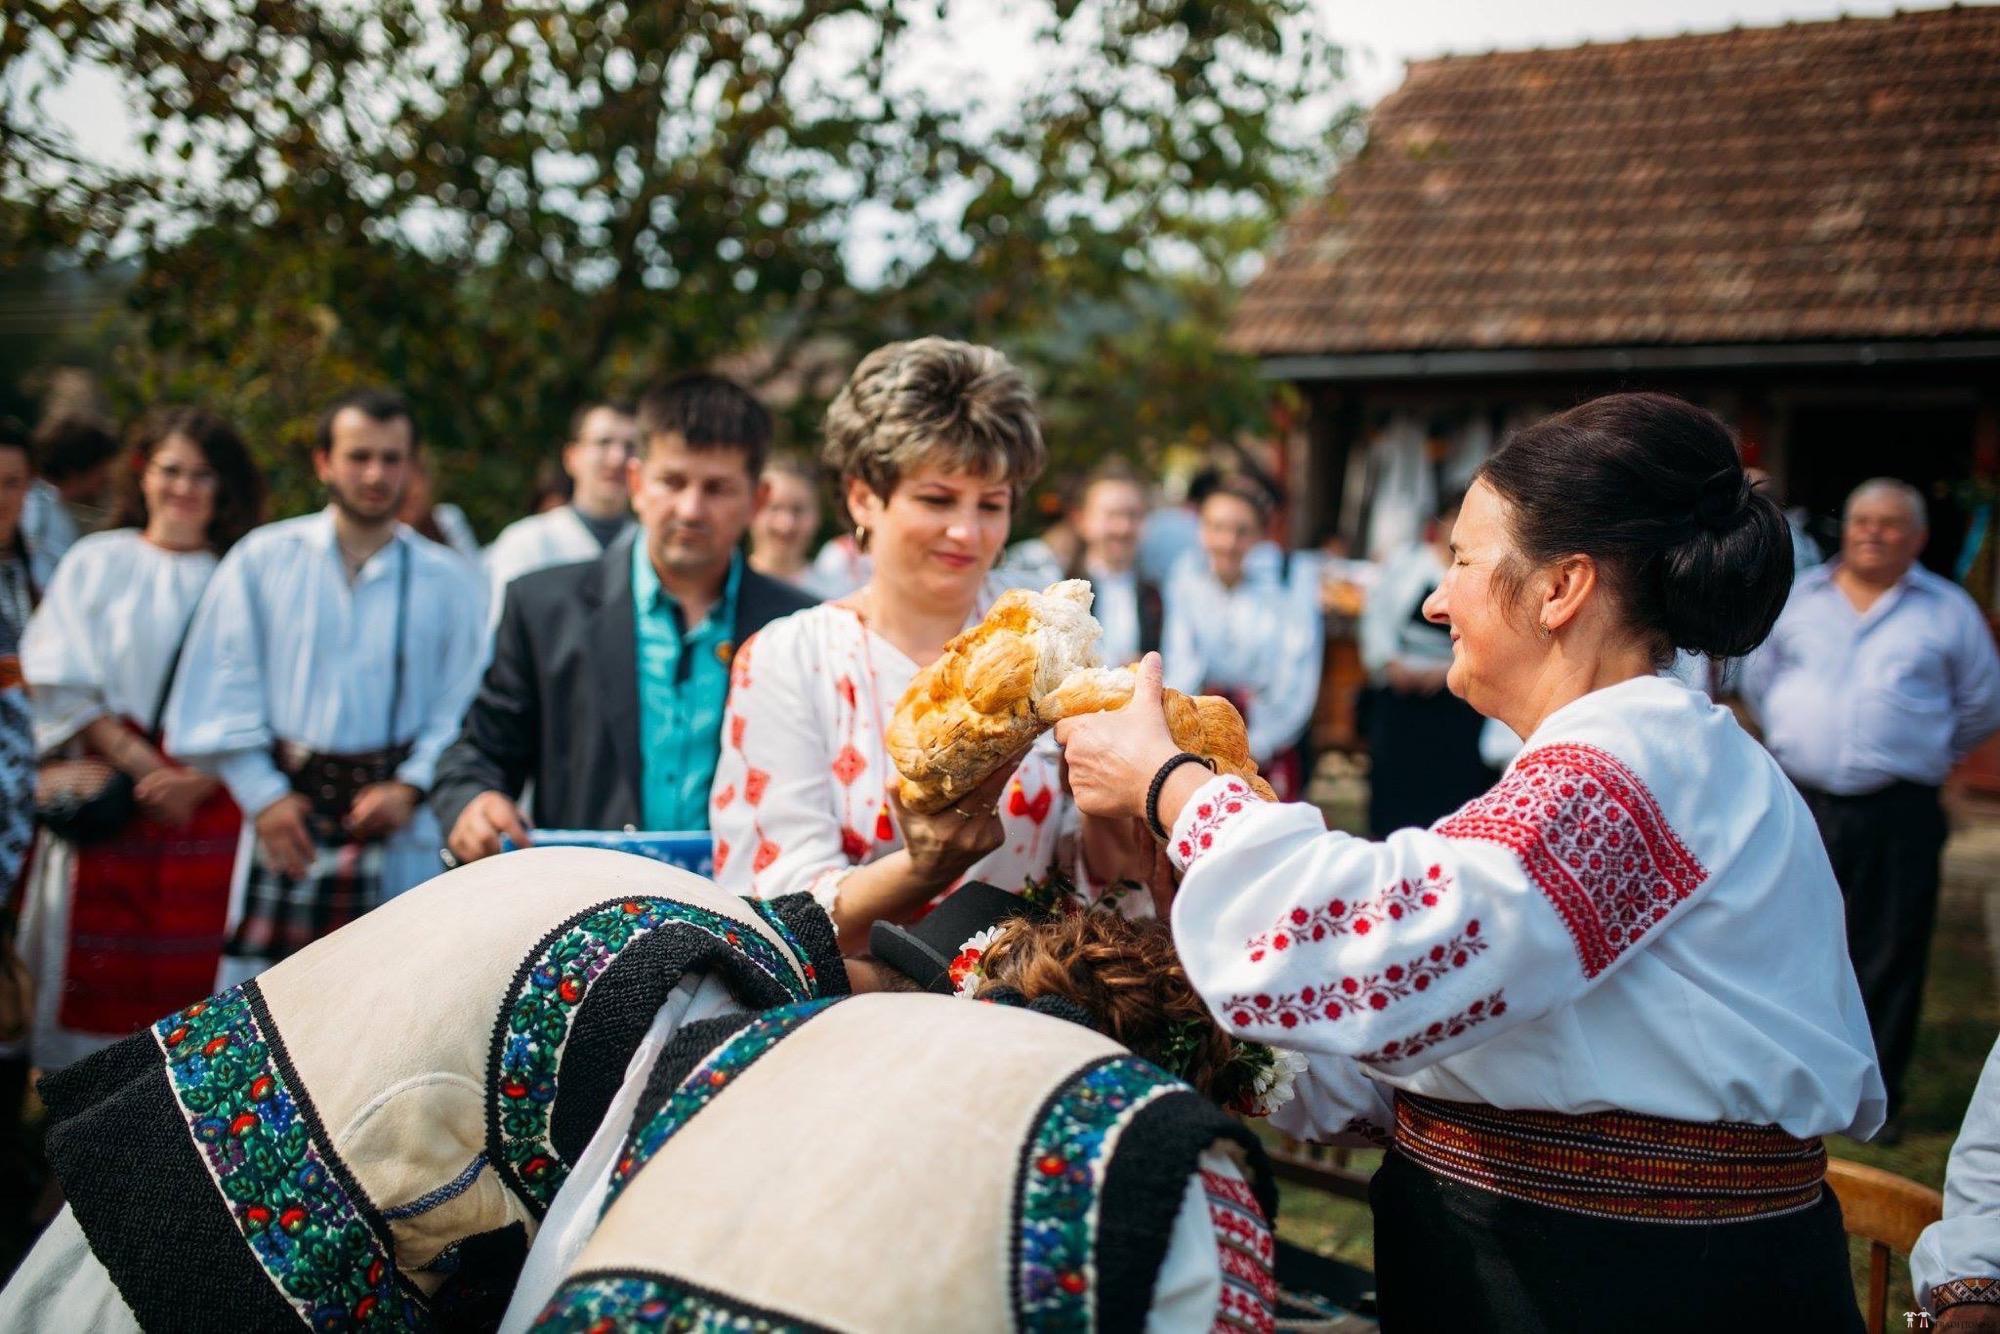 Povești Nunți Tradiționale - Andreea și Sergiu. Nuntă tradițională în Alba-Iulia 13